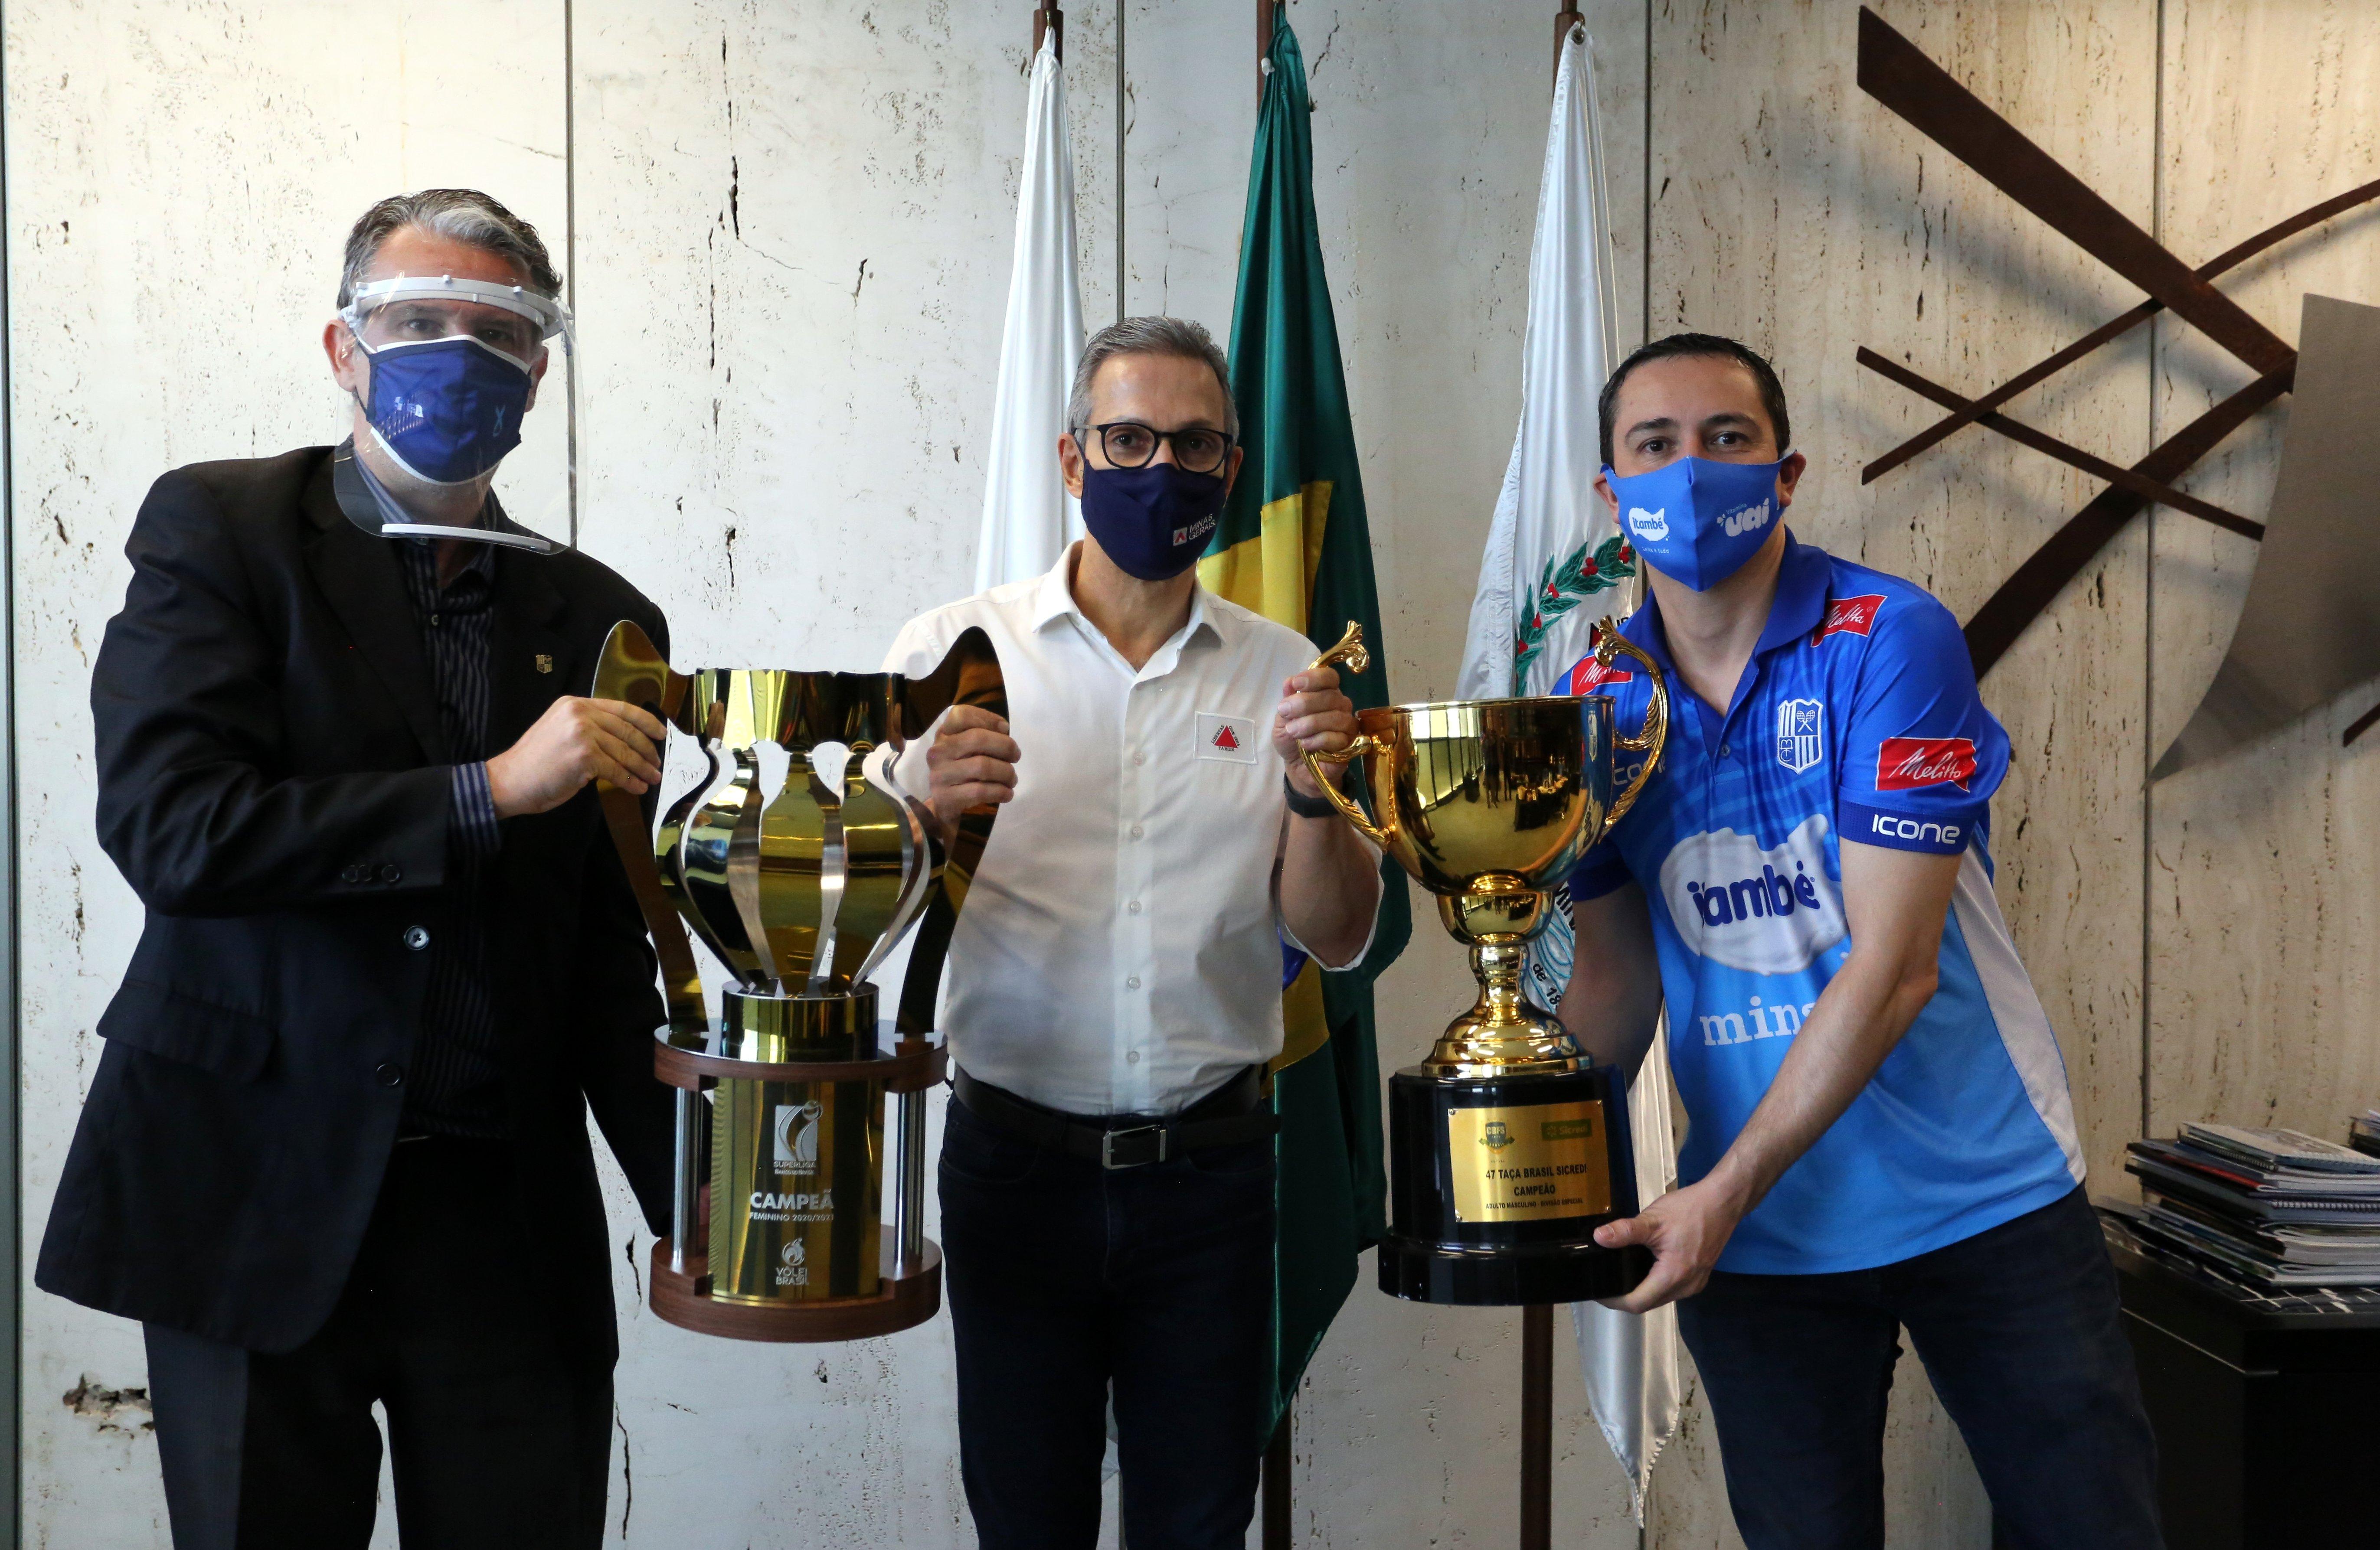 Ricardo Santiago e Nicola Negro entregam os troféus da Superliga para o governador de Minas Gerais (Foto: Orlando Bento/MTC)